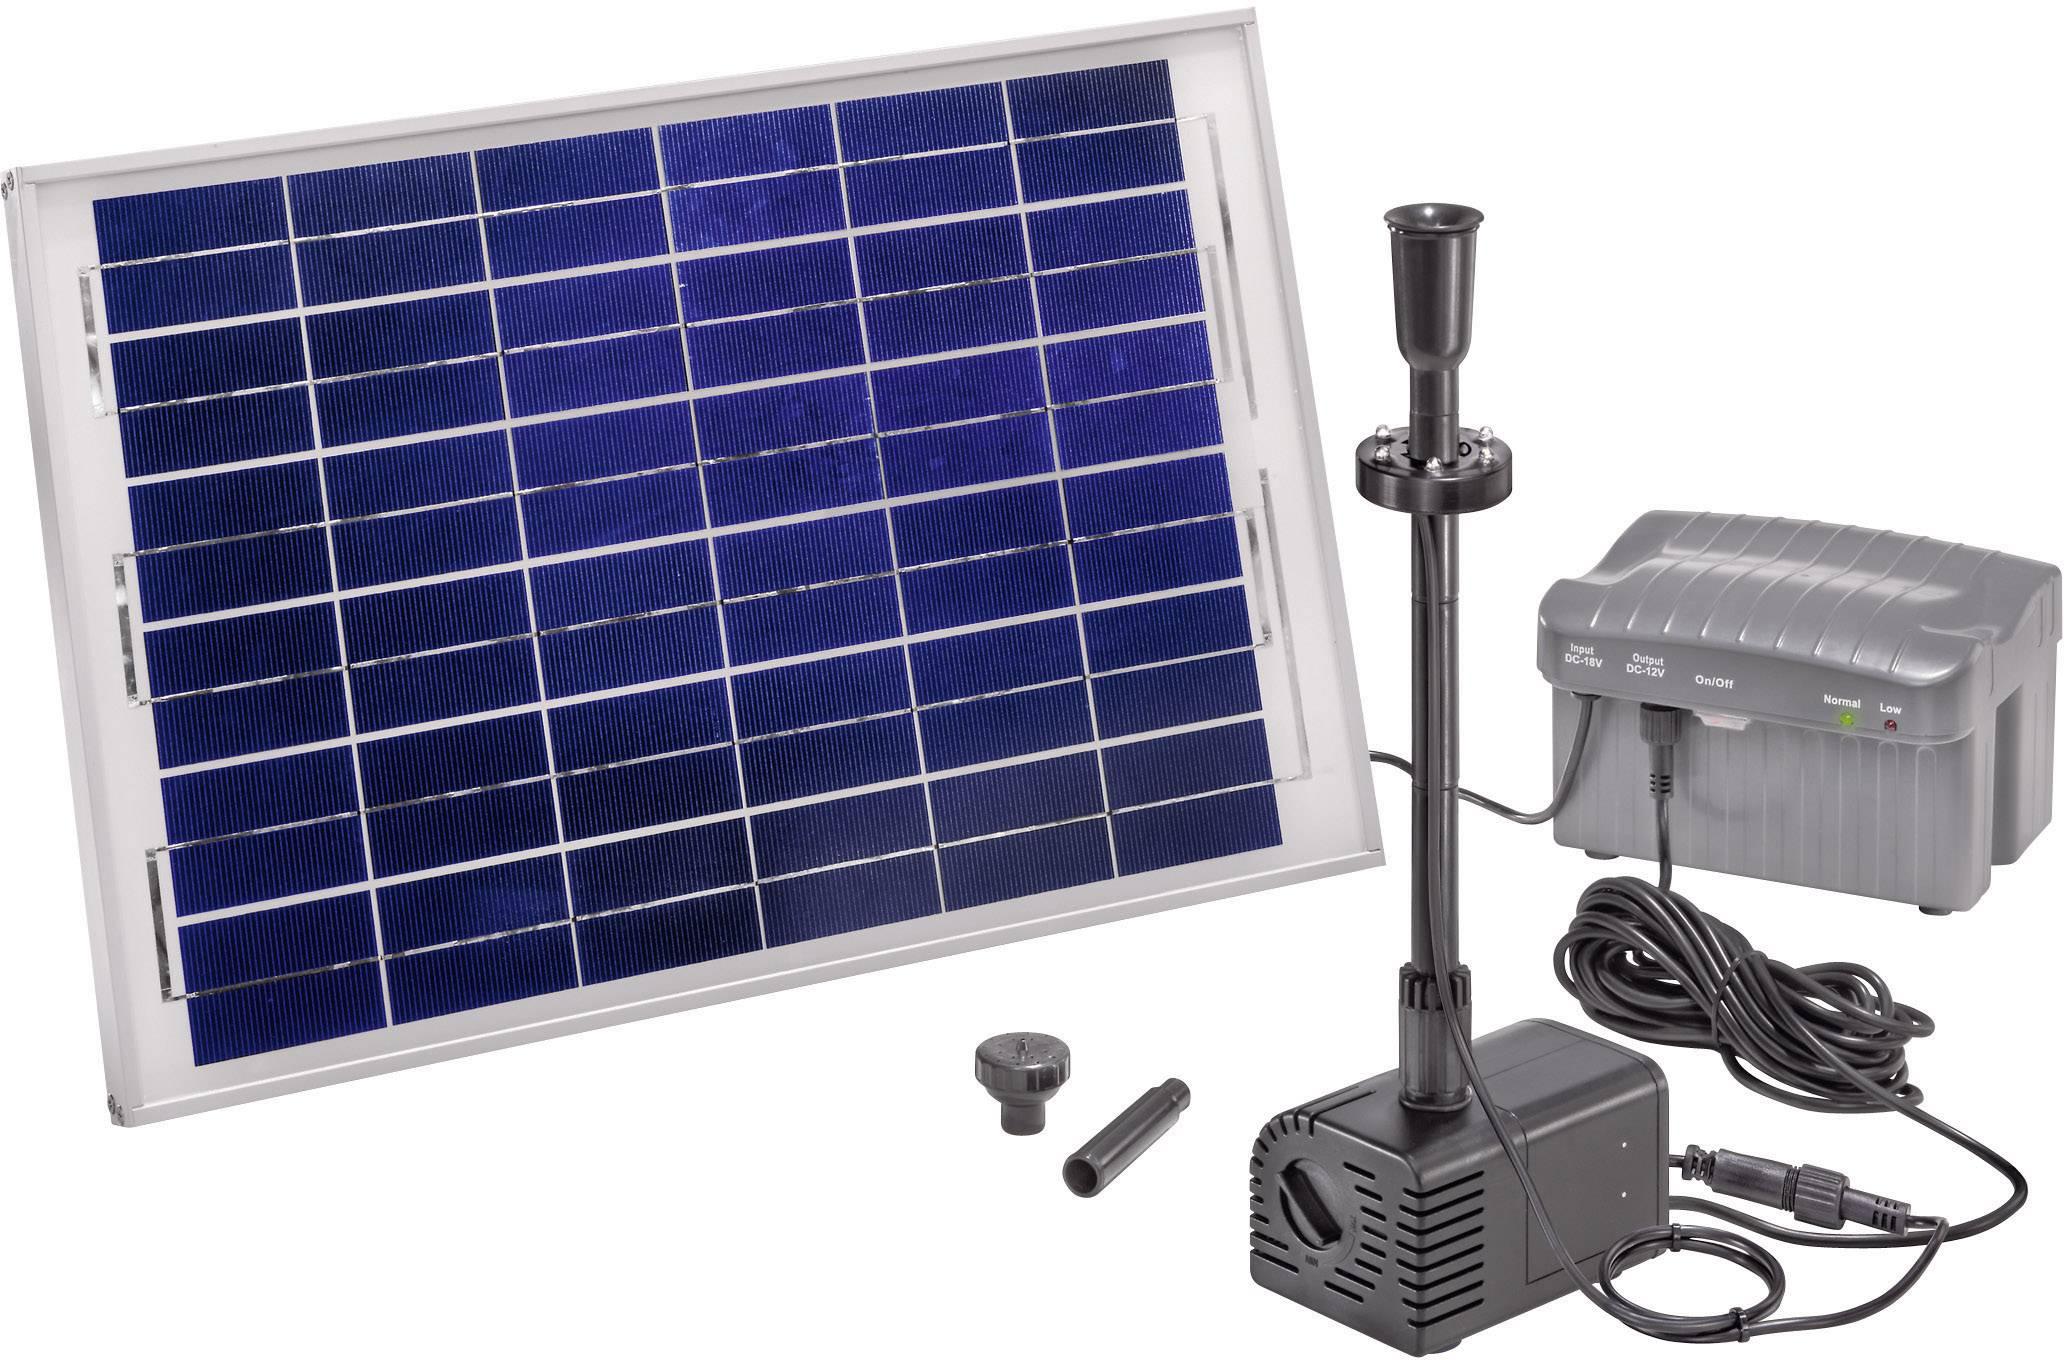 Solárna sada s čerpadlom Esotec Siena LED